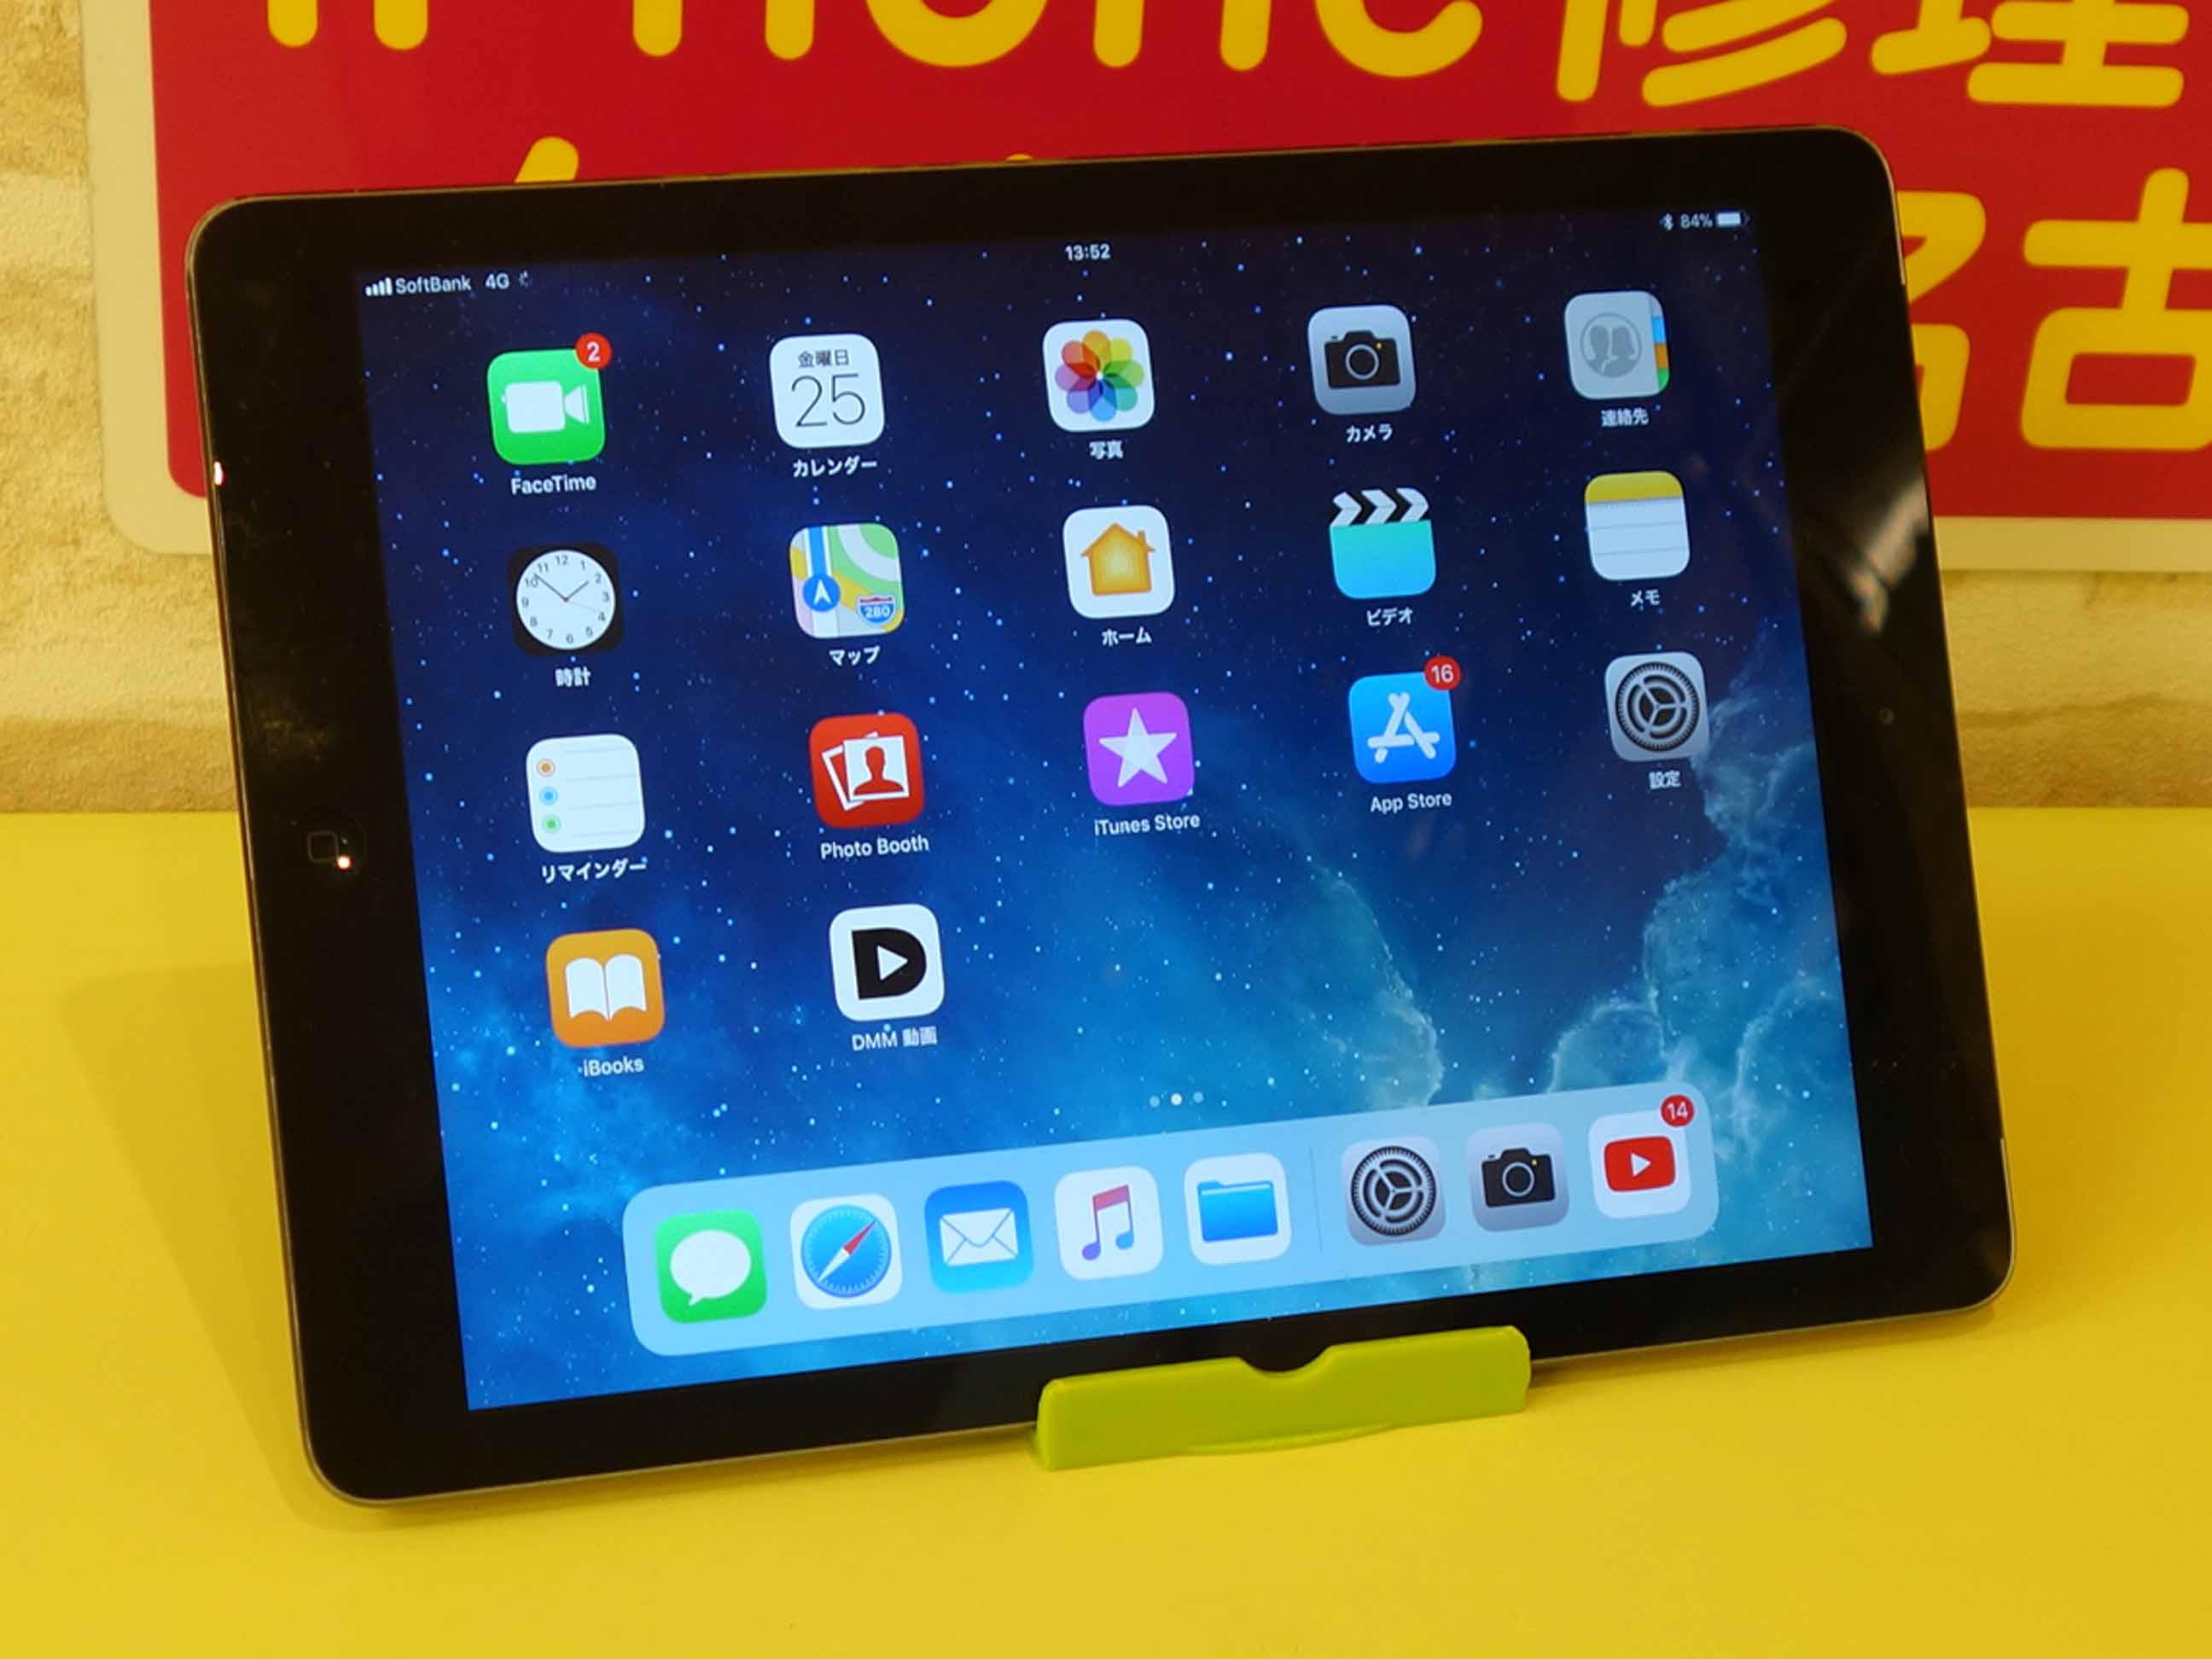 同業者様の修理代行 名古屋市 iPad Air1 ガラス割れ即日修理 アイパッド修理のクイック名古屋